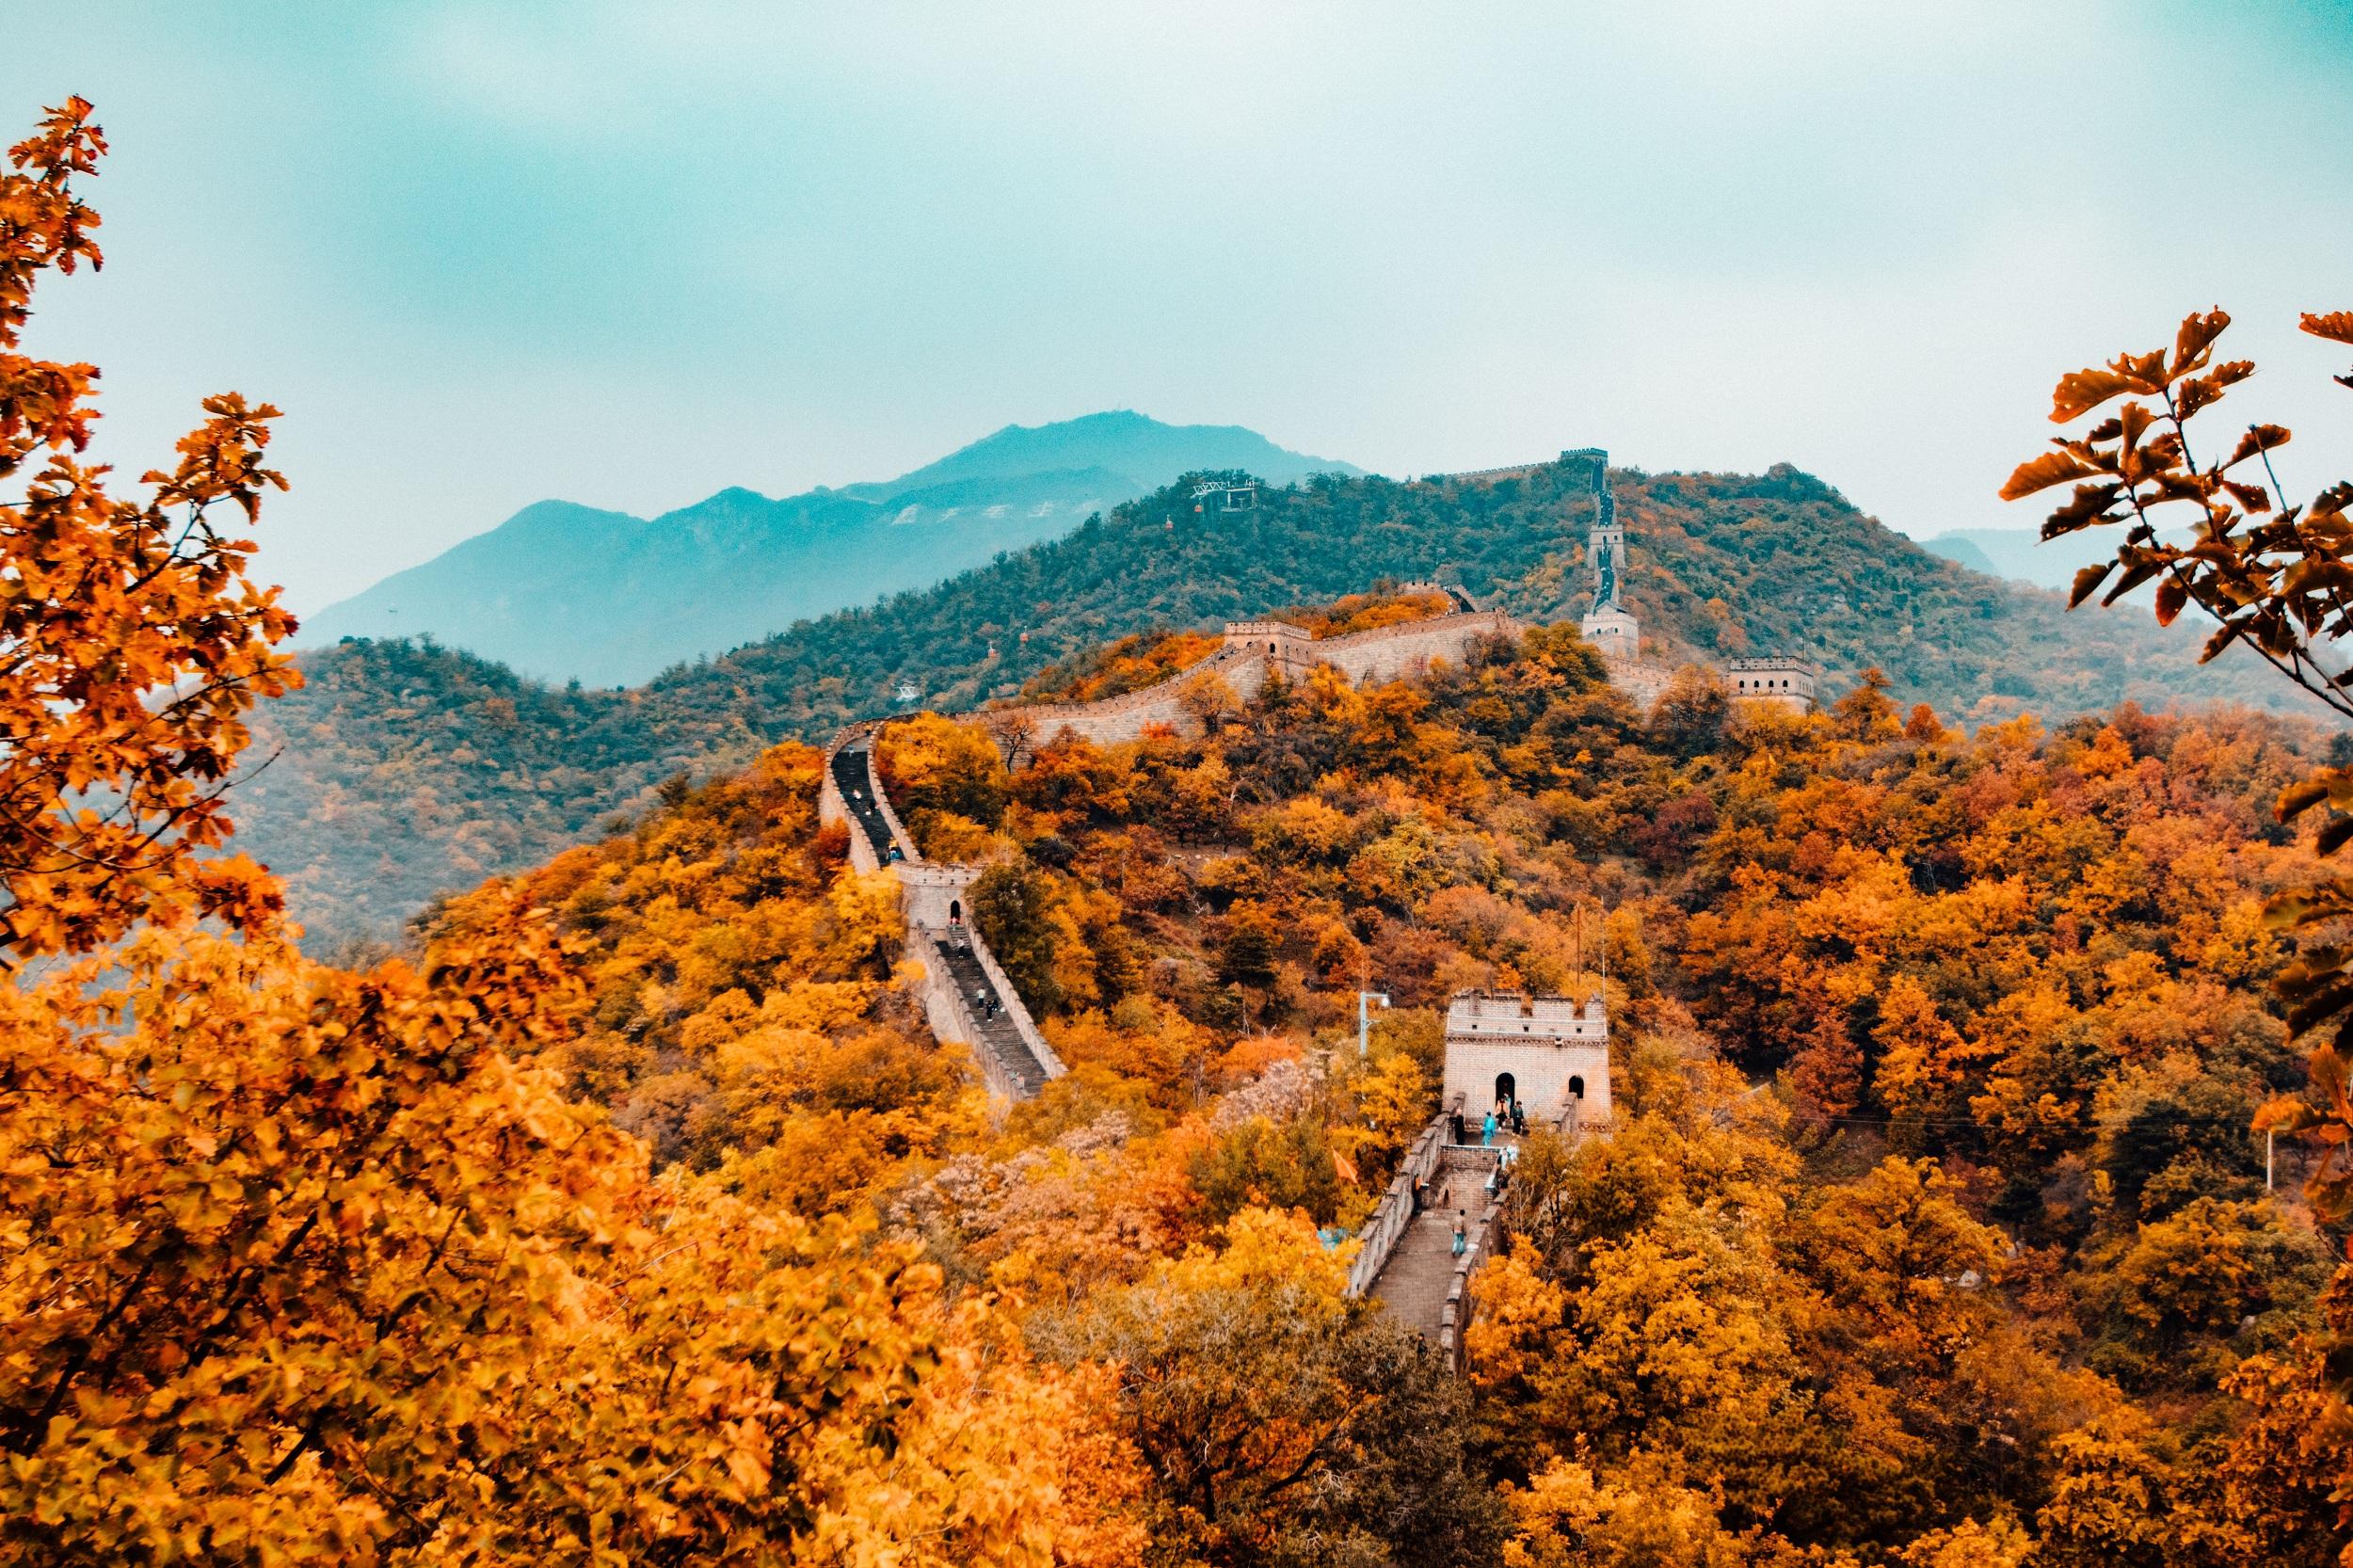 image of china wall hd